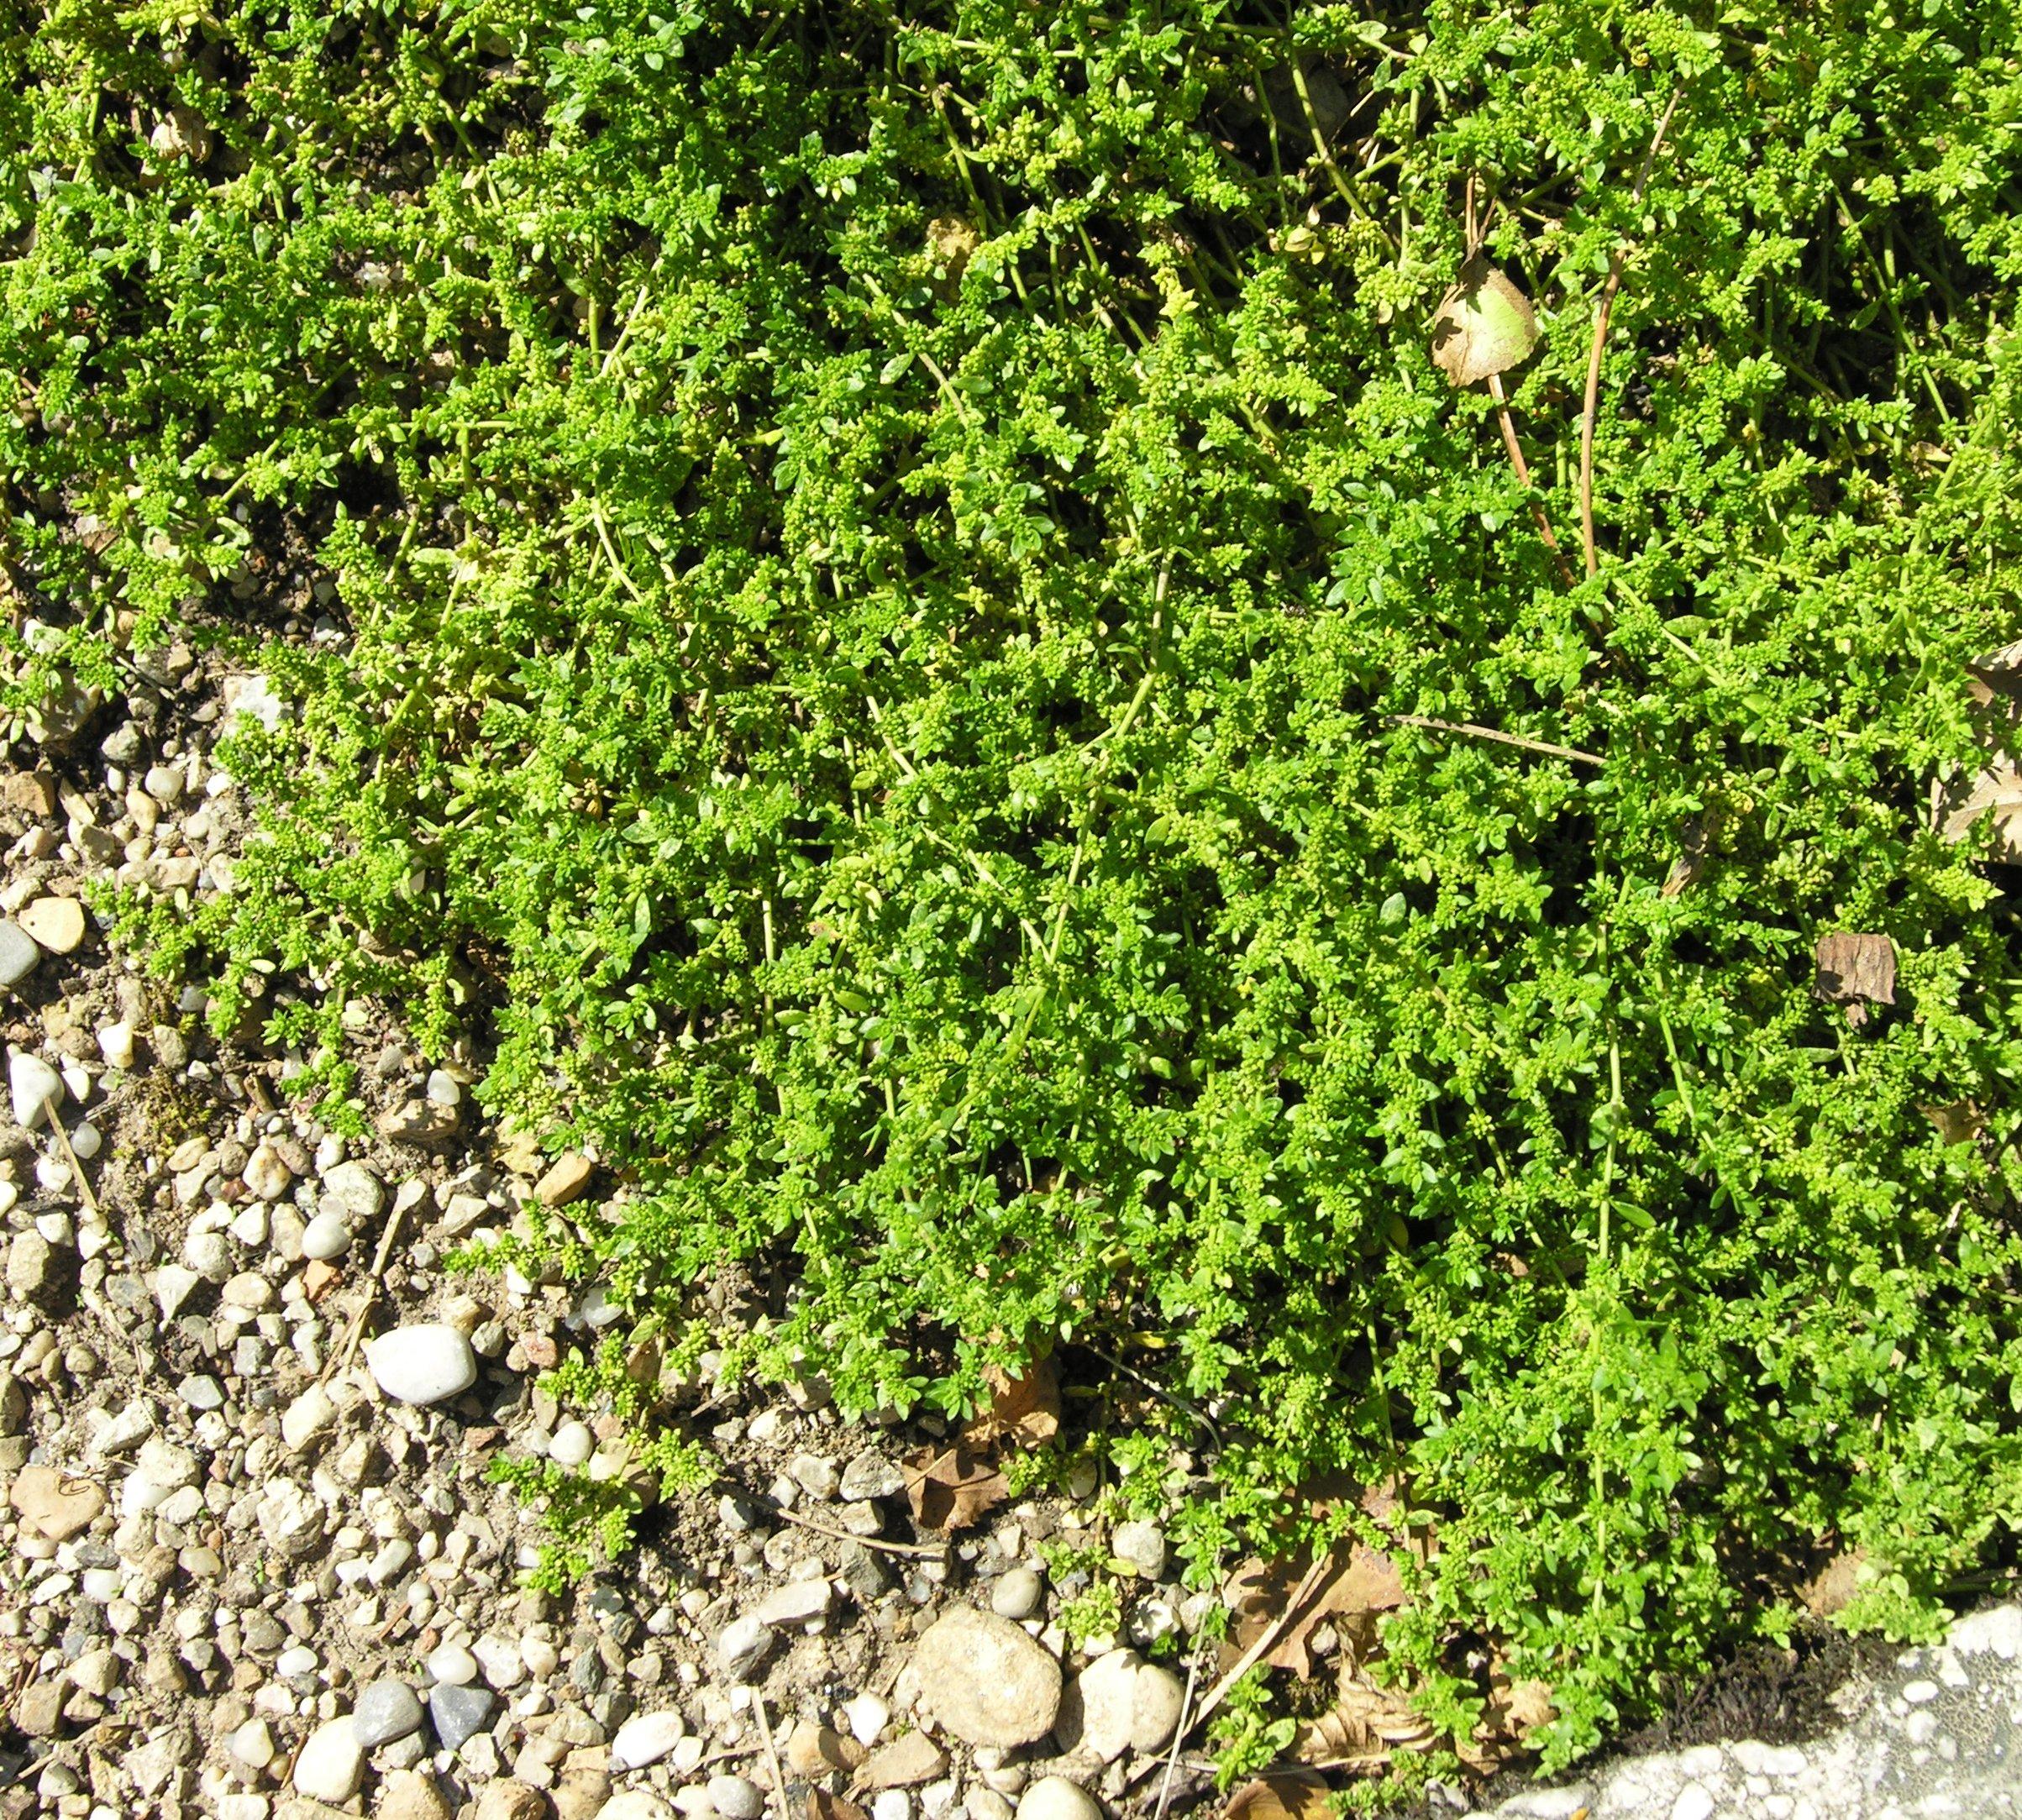 © Dipartimento di Scienze della Vita, Università degli Studi di Trieste<br>by Andrea Moro<br>Monaco di Baviera, Botanischer Garten München-Nymphenburg ., Baviera, Germania, 07/07/2007<br>Distributed under CC-BY-SA 4.0 license.